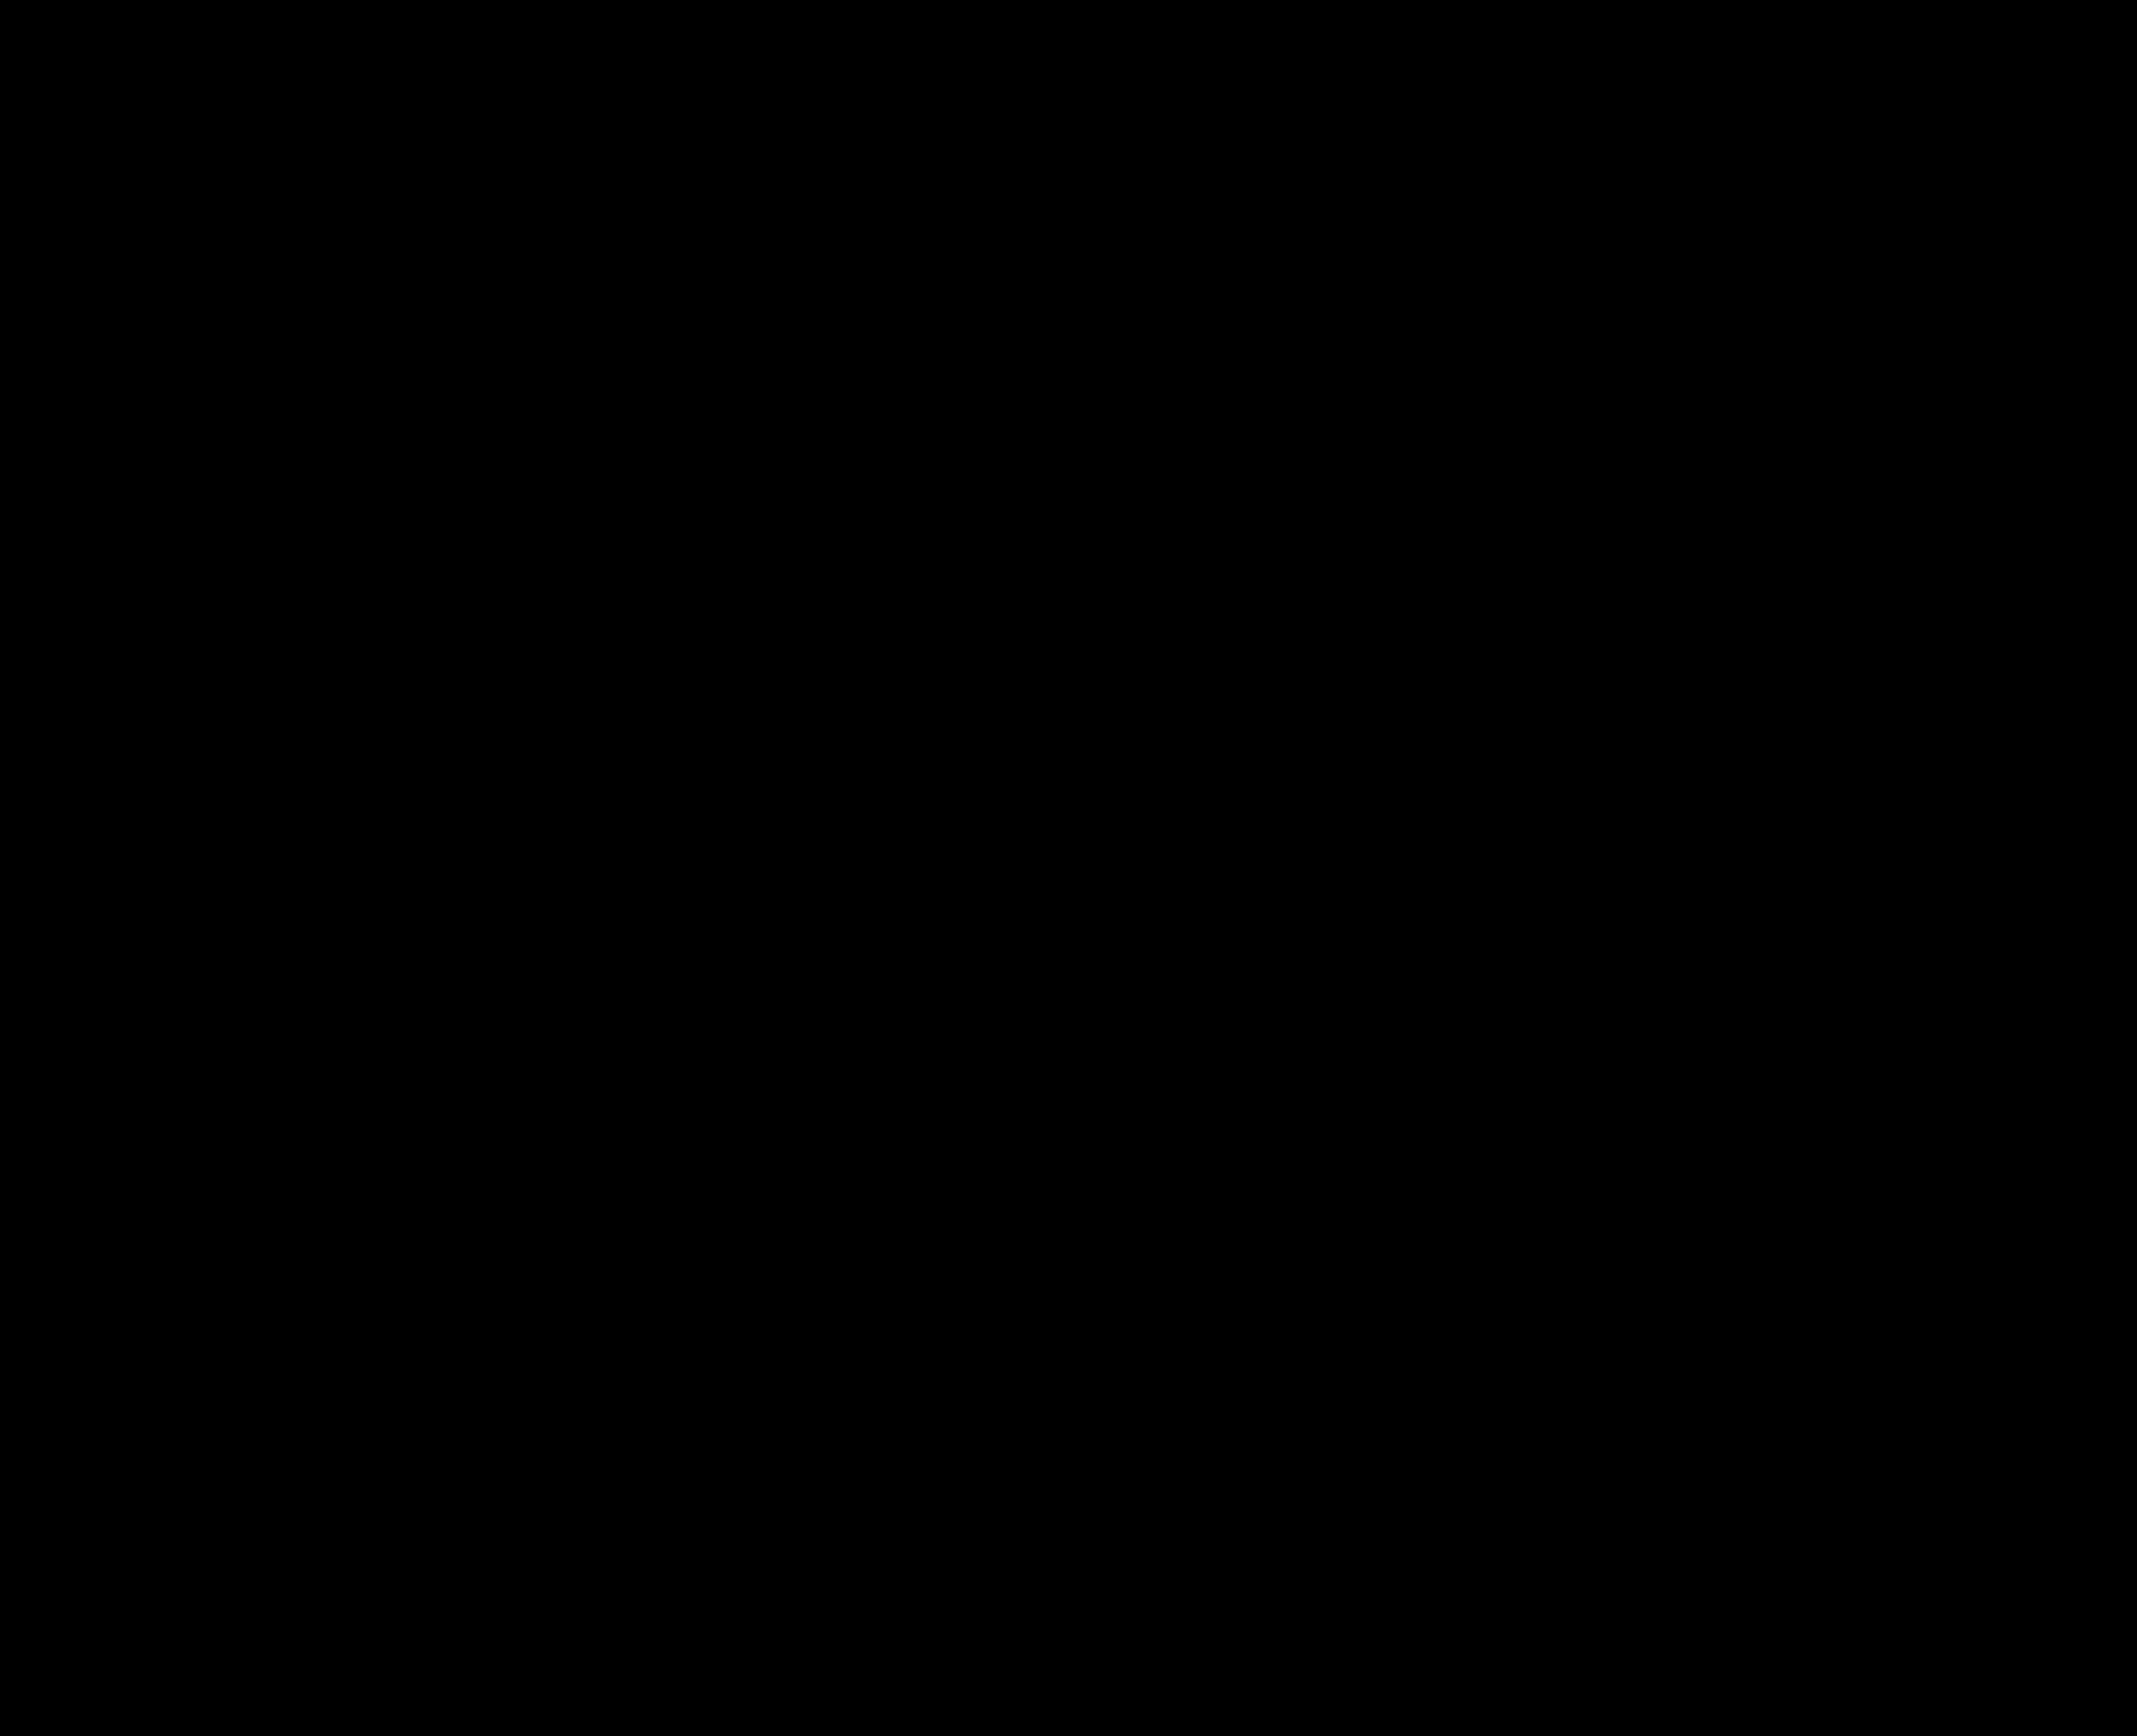 Warren County Ohio Building Codes